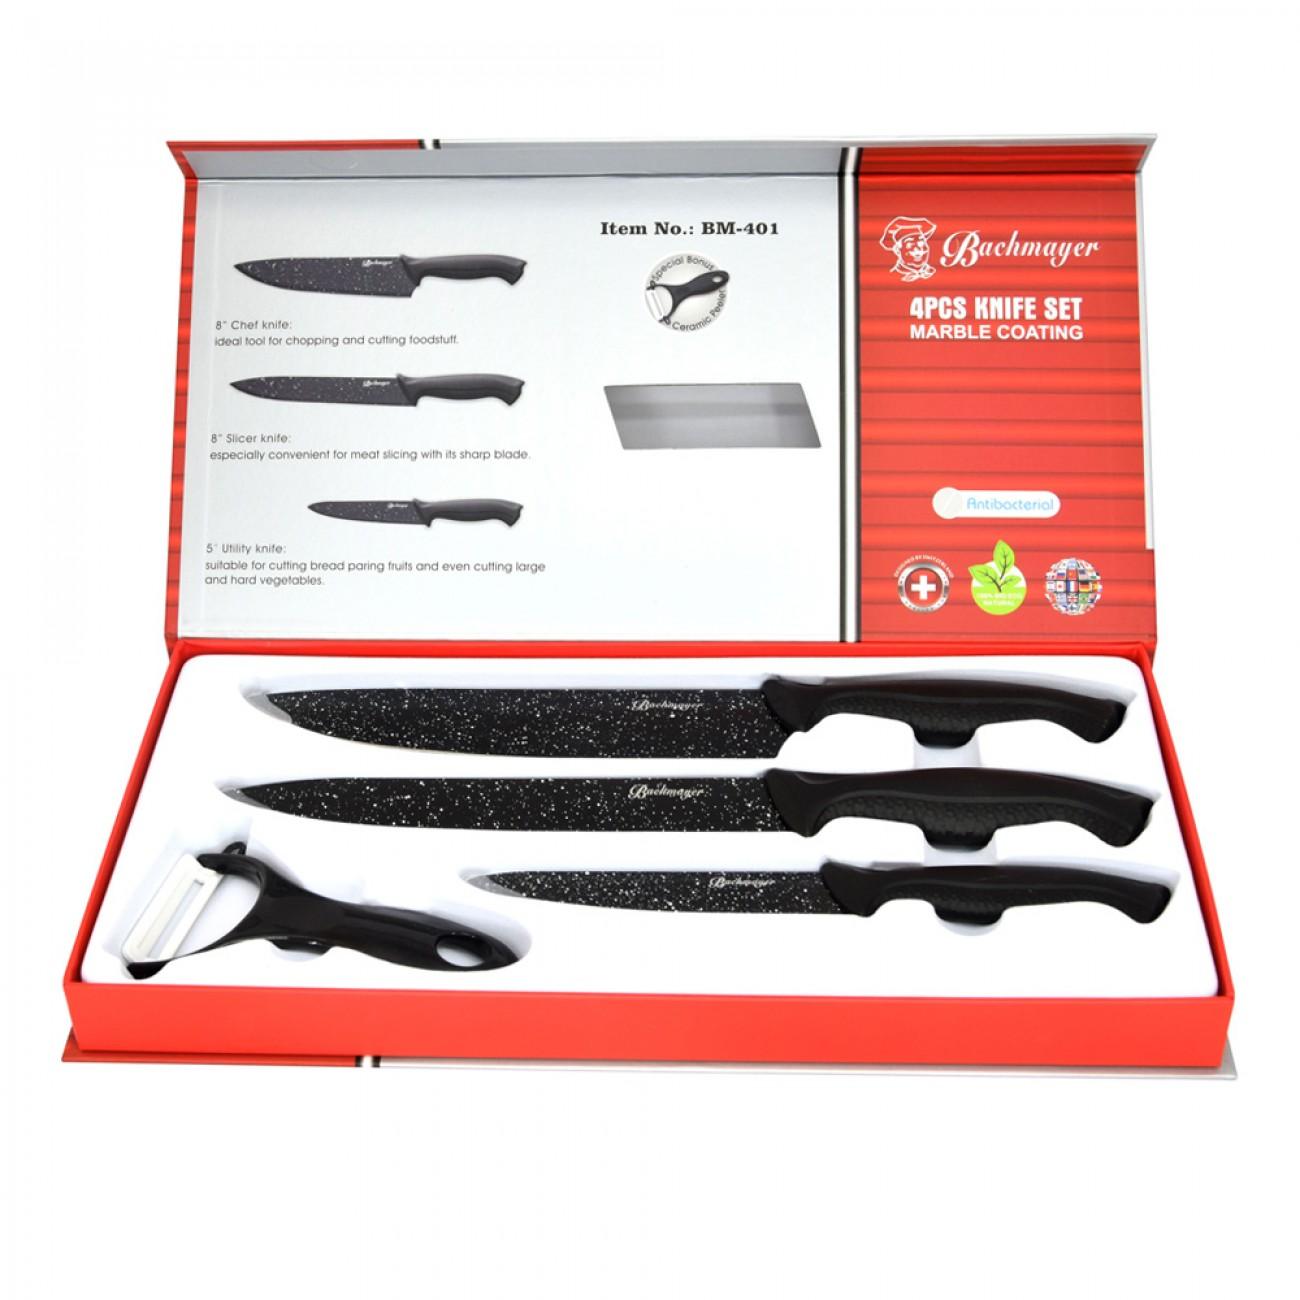 Комплект 3 ножа + керамична белачка в кутия, Bachmayer BM 401, Мраморно покритие в Комплекти ножове - Bachmayer | Alleop